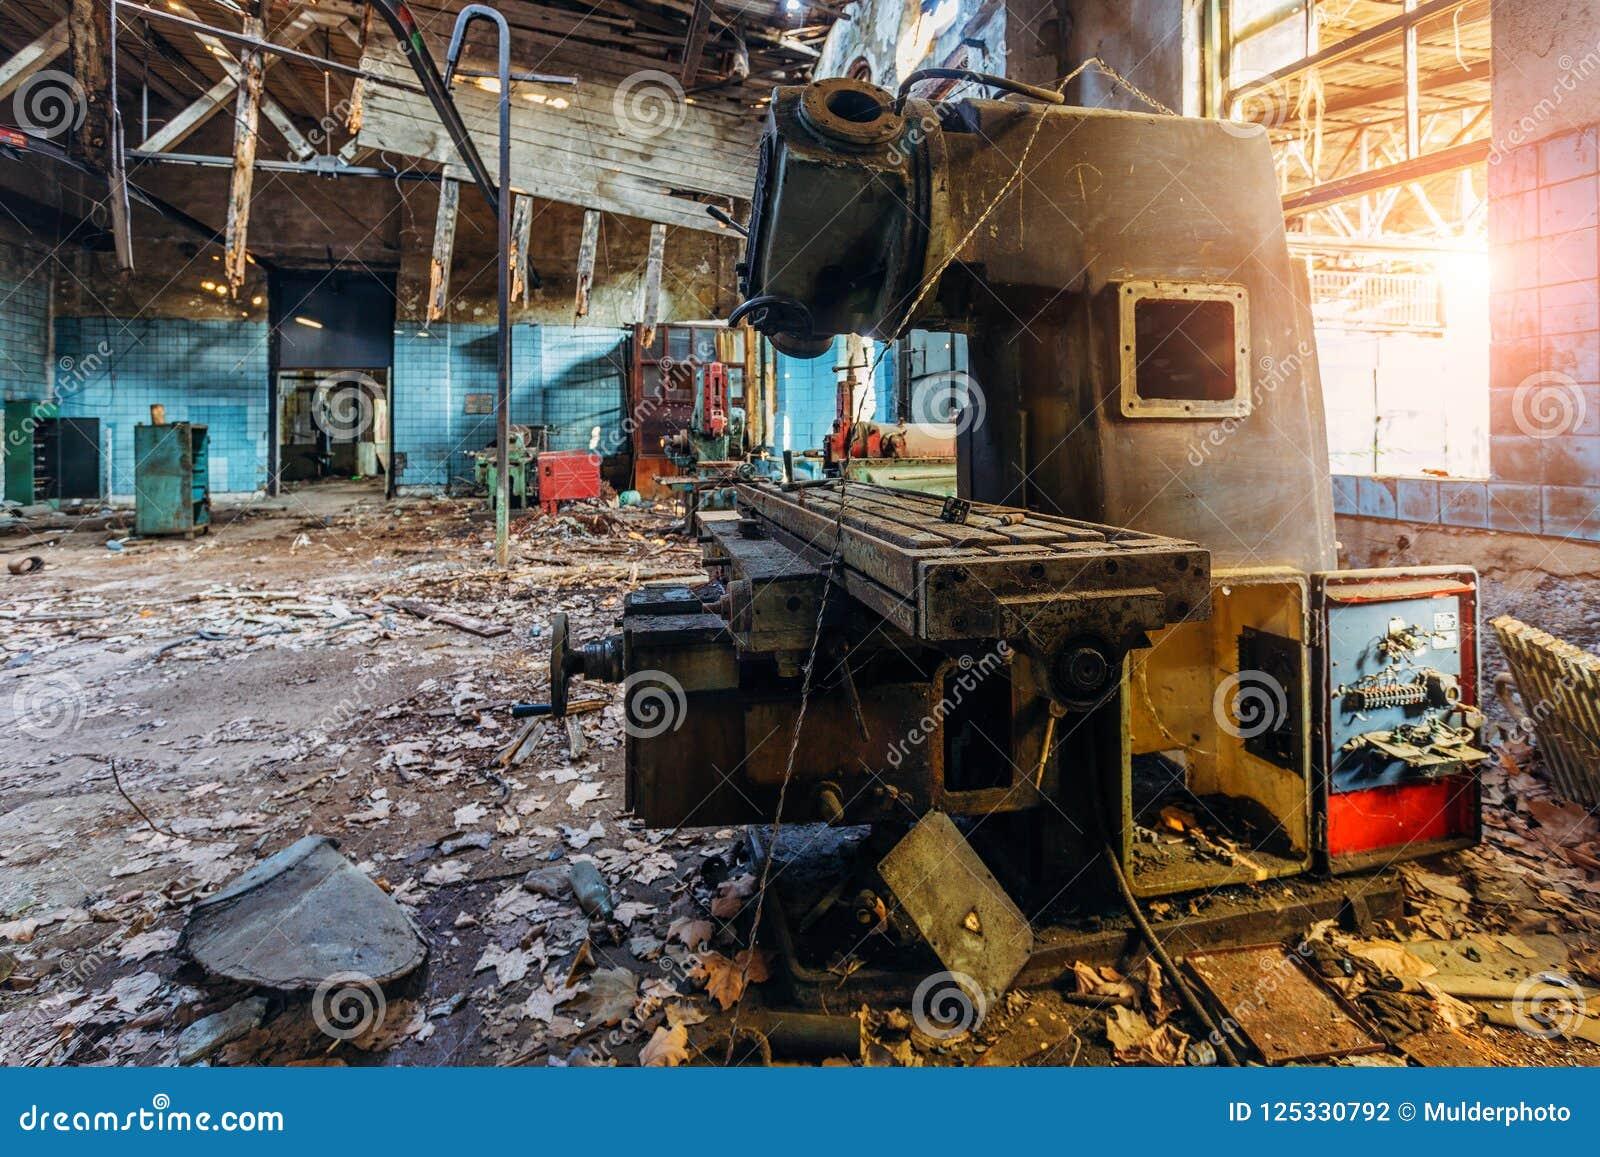 Alte industrielle Werkzeugmaschinen in der Werkstatt Rostige Metallausrüstung in verlassener Fabrik